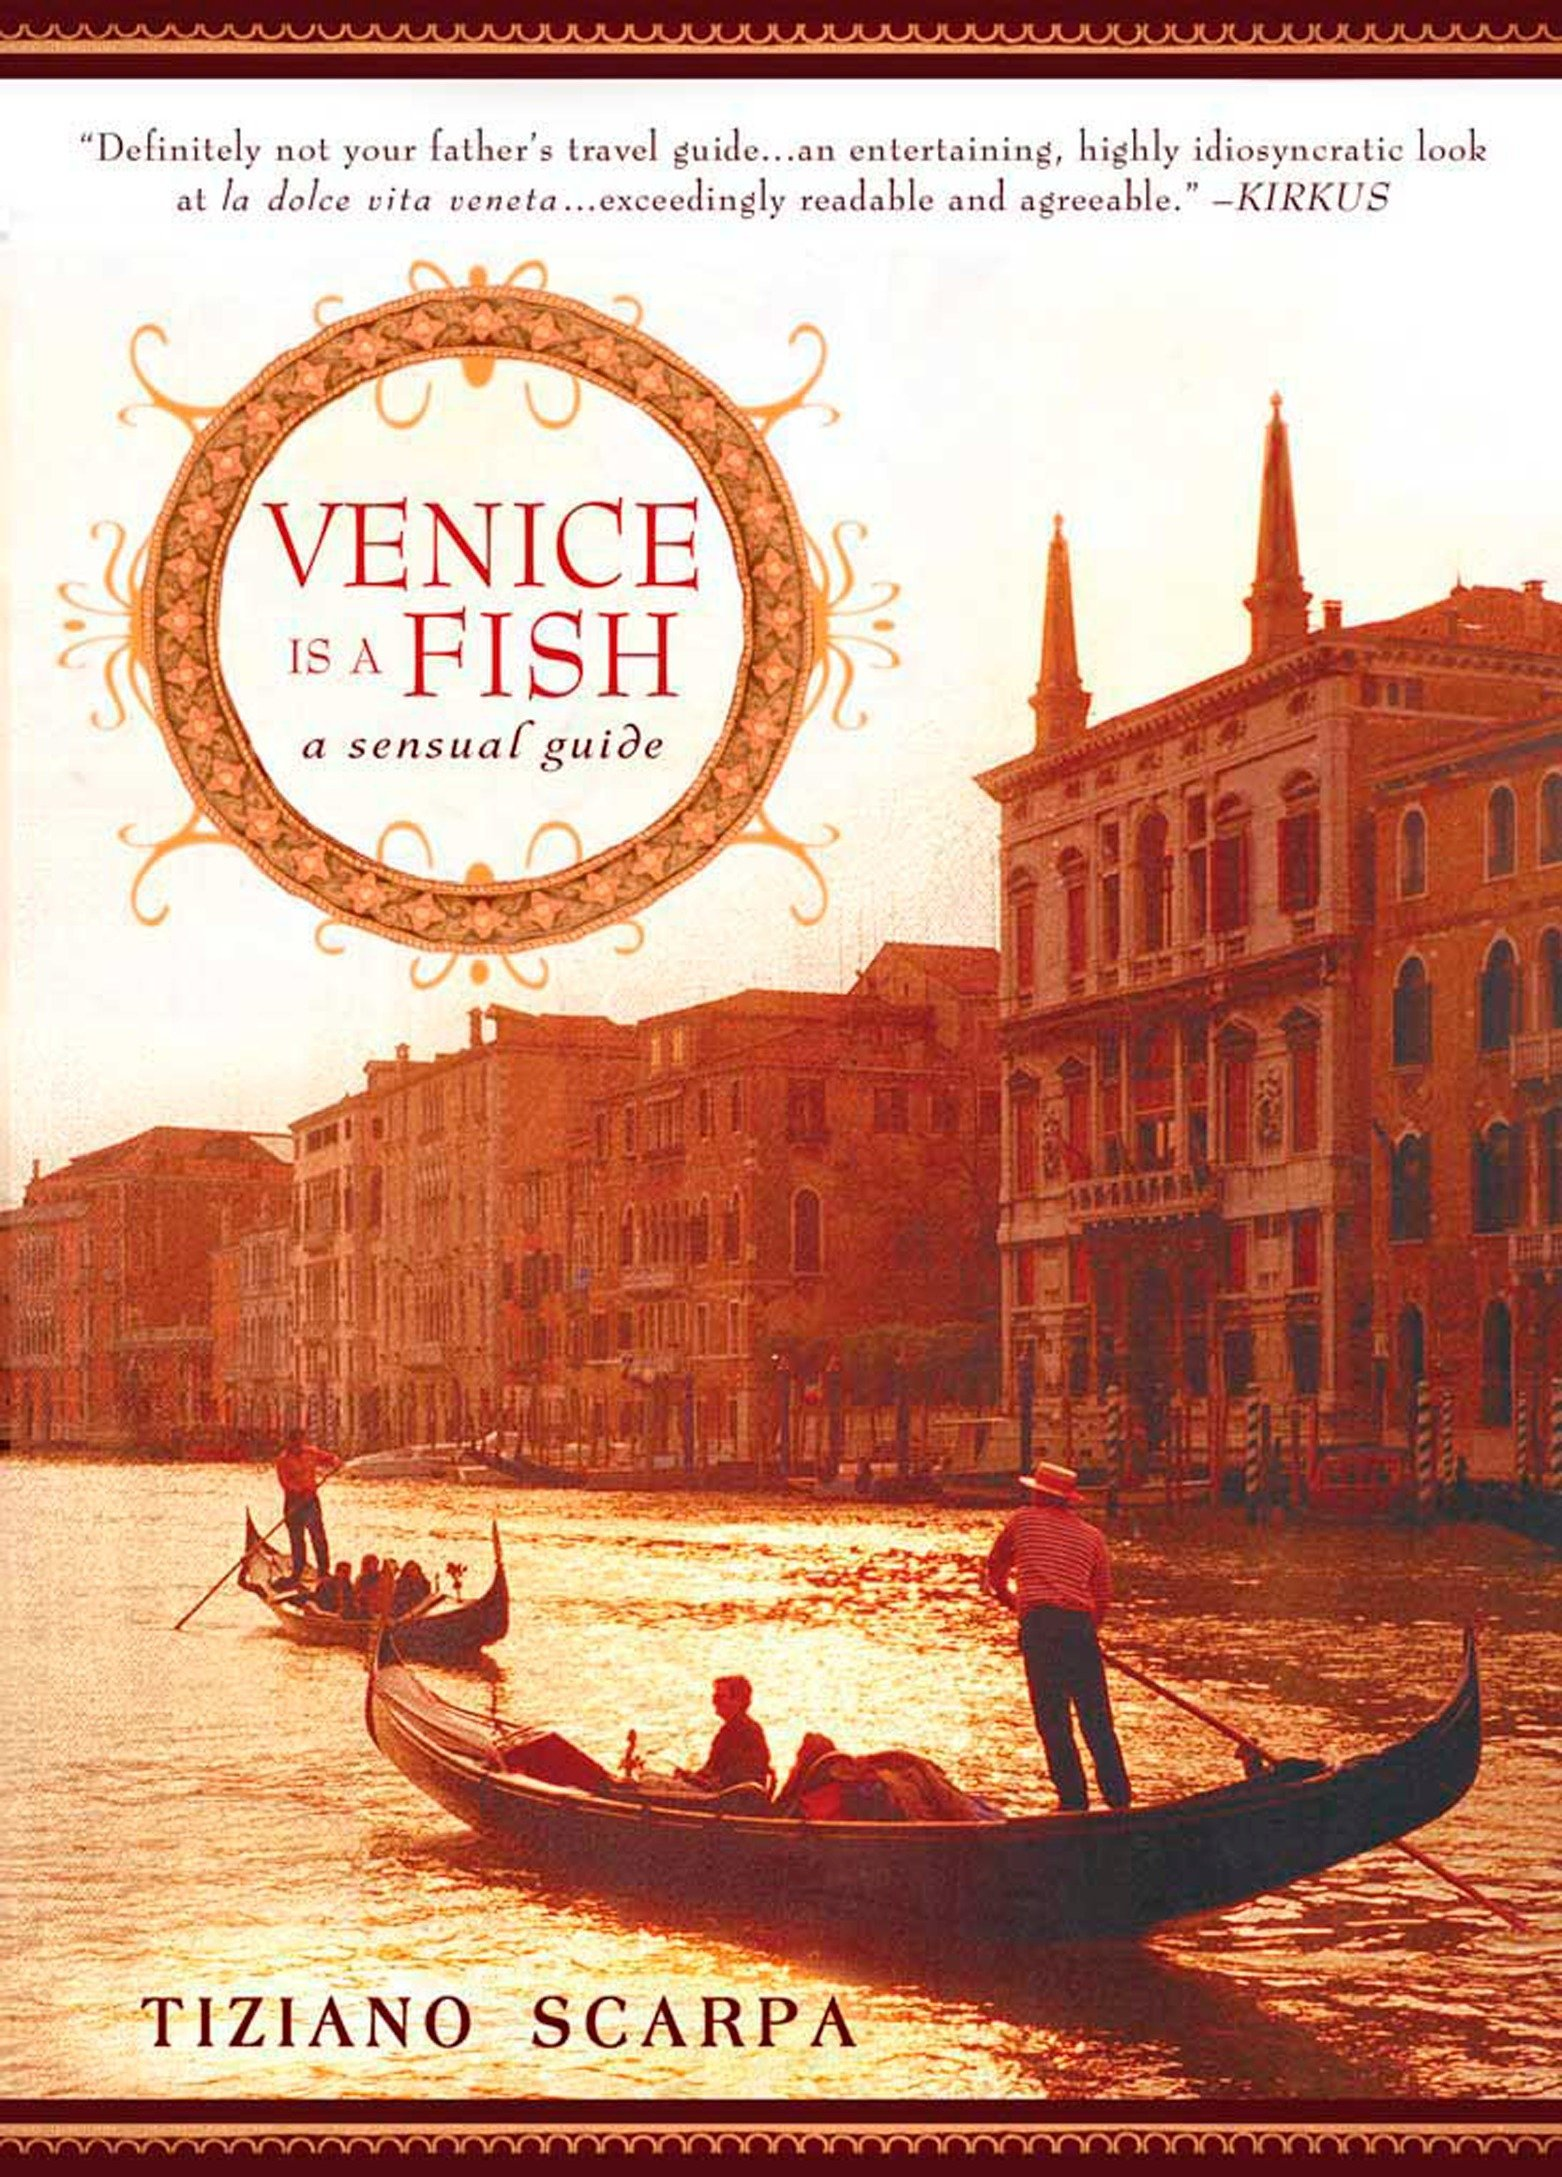 Venice Is A Fish Sensual Guide Tiziano Scarpa 9781592405022